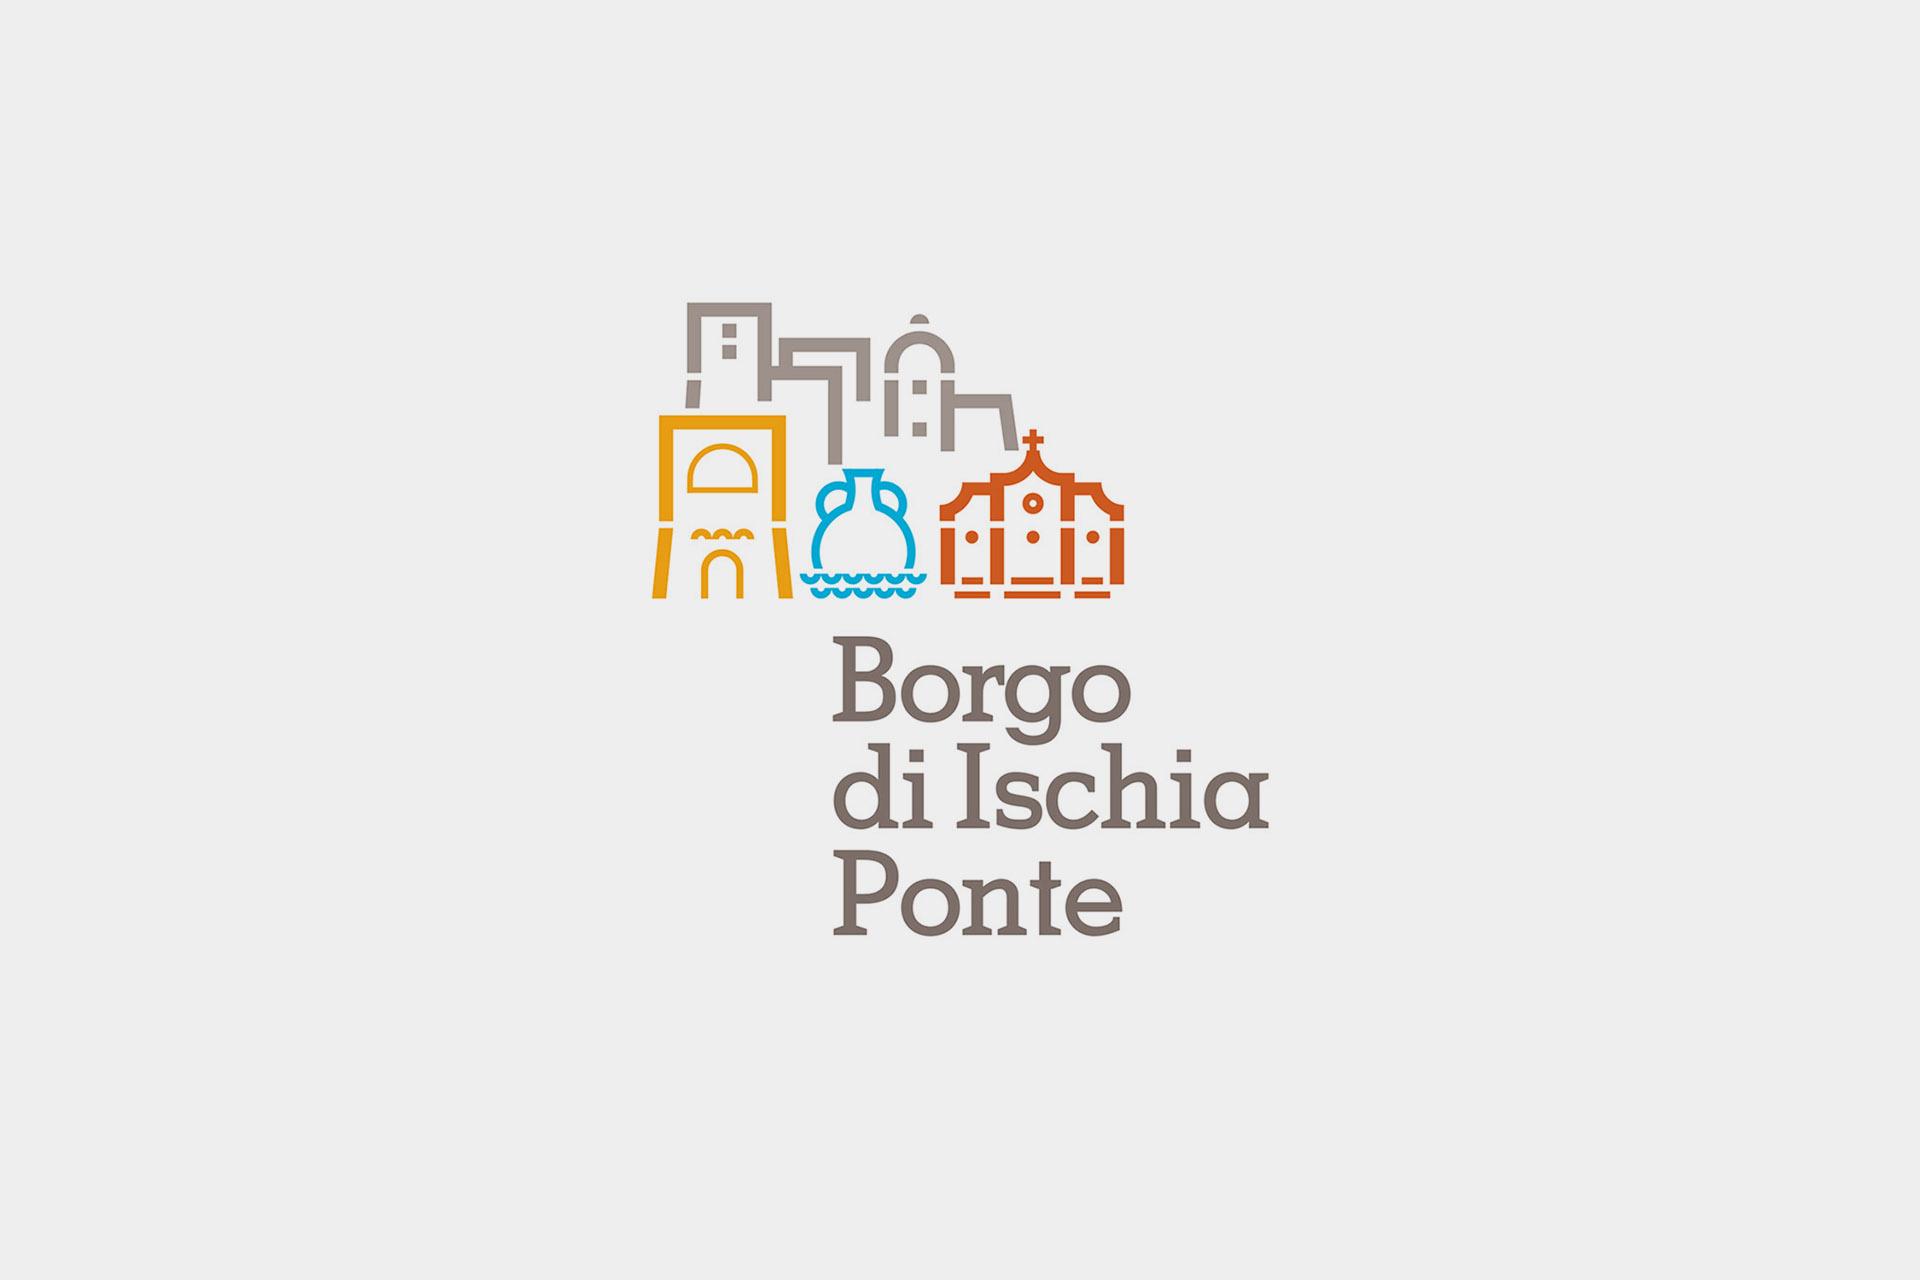 Borgo Ischia Ponte